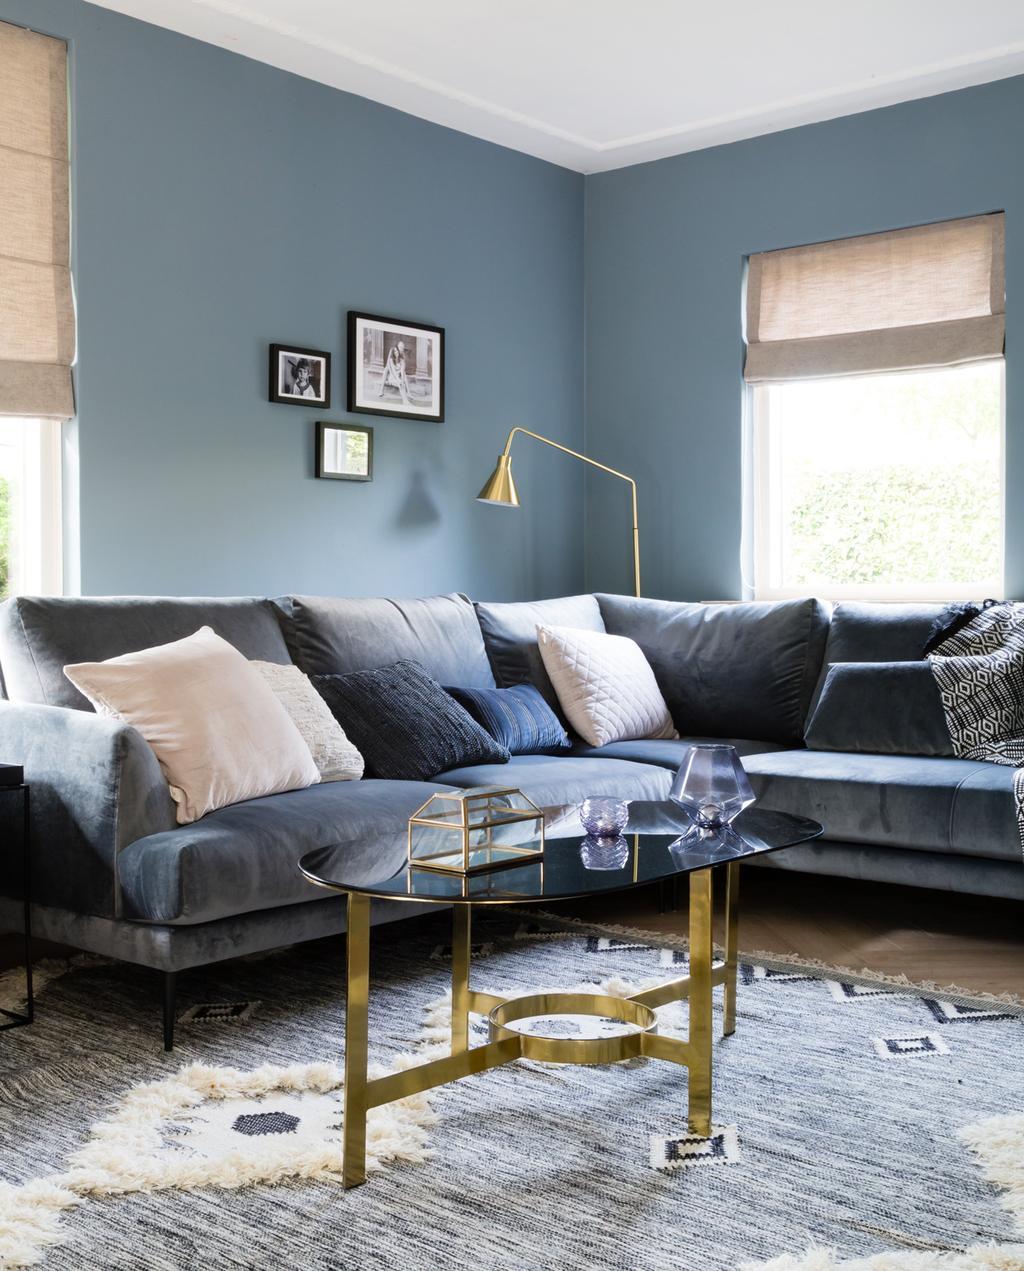 vtwonen weer verliefd op je huis | seizoen 11 aflevering 11 | fotografie Barbara Kieboom | styling Eva van de Ven